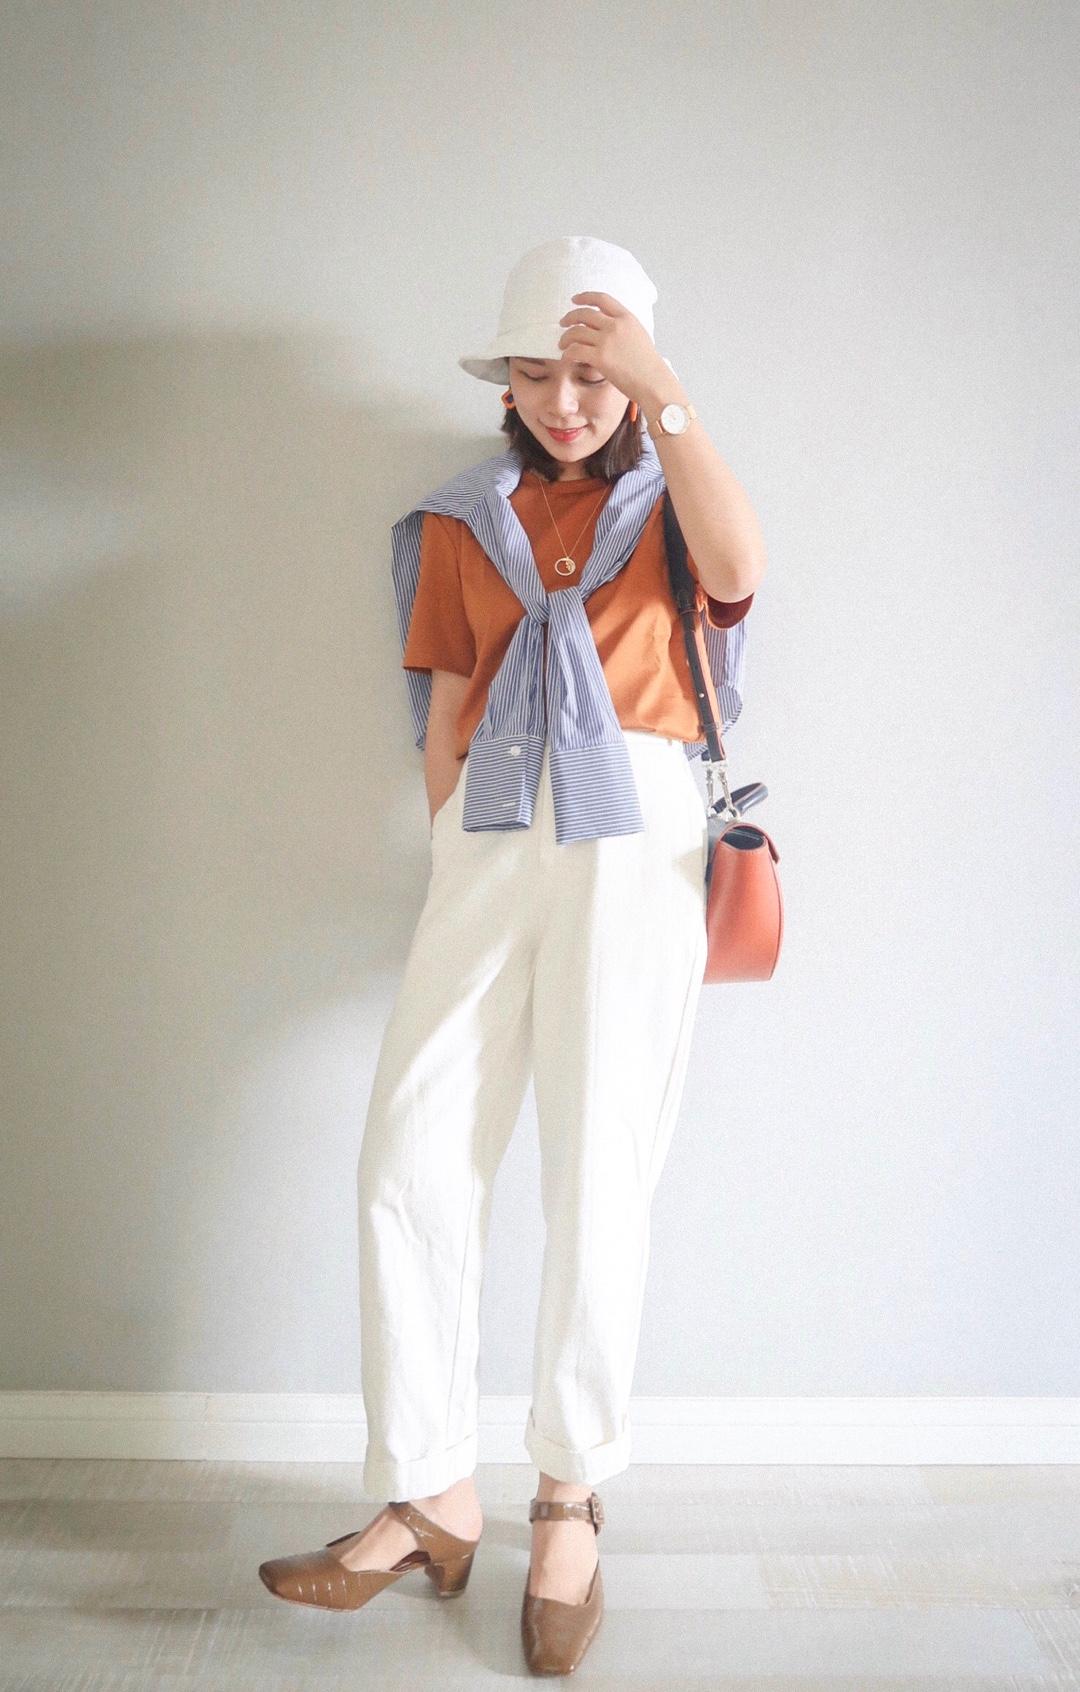 #夏天这样,穿防晒又美腻# 橘子味🍊的夏天 橘色T+白色牛仔裤 简简单单就很好看 夏天不忘记防晒哦 搭上一件衬衫,既可以装饰又能在关键时刻外穿防晒! 元气满满的一套